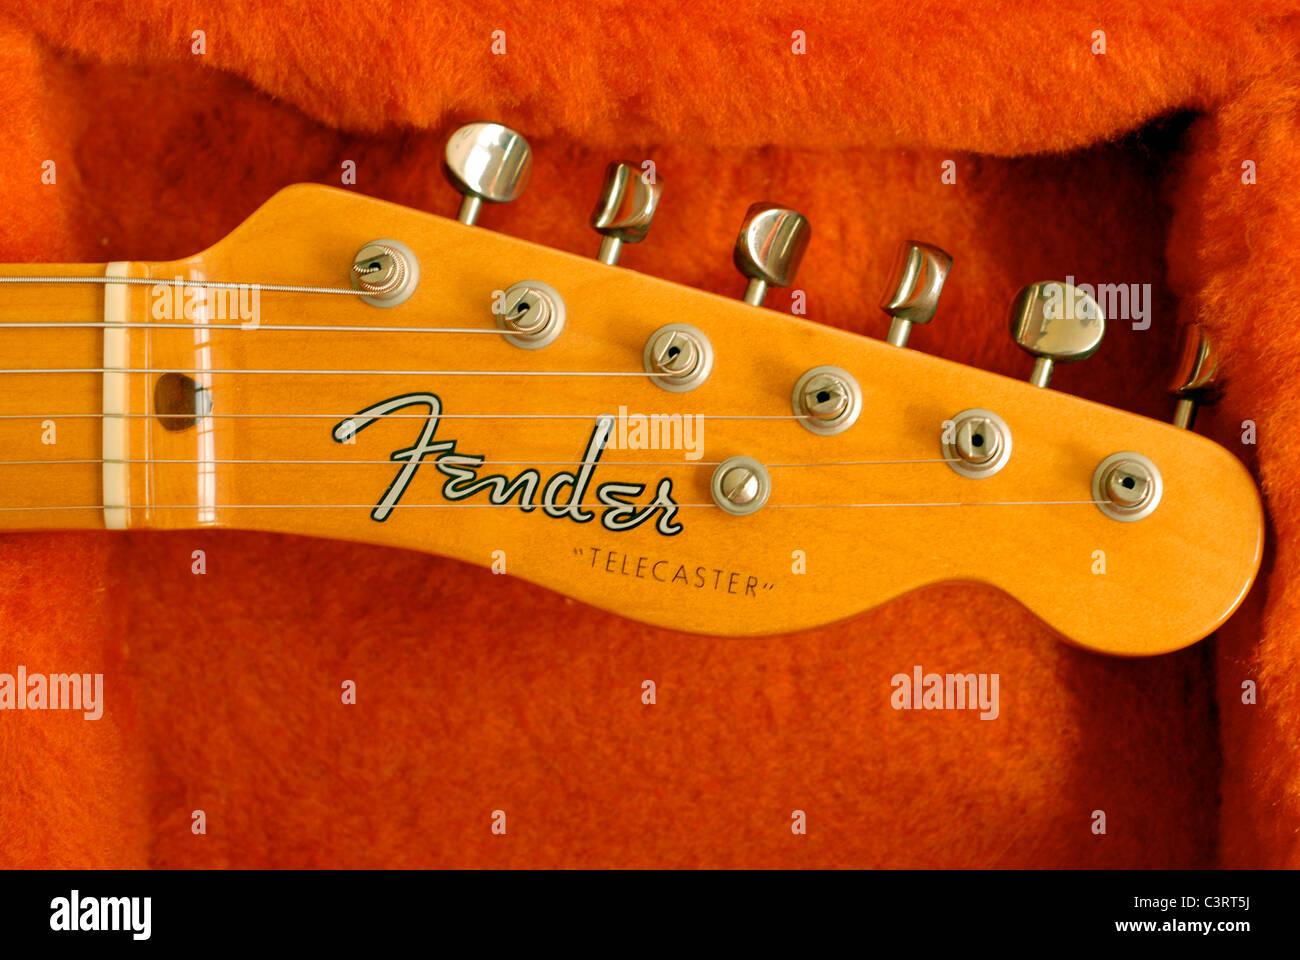 Guitare électrique Fender Telecaster. 1952 Nouvelle publication. Détail de poupée et touches de réglage. Photo Stock